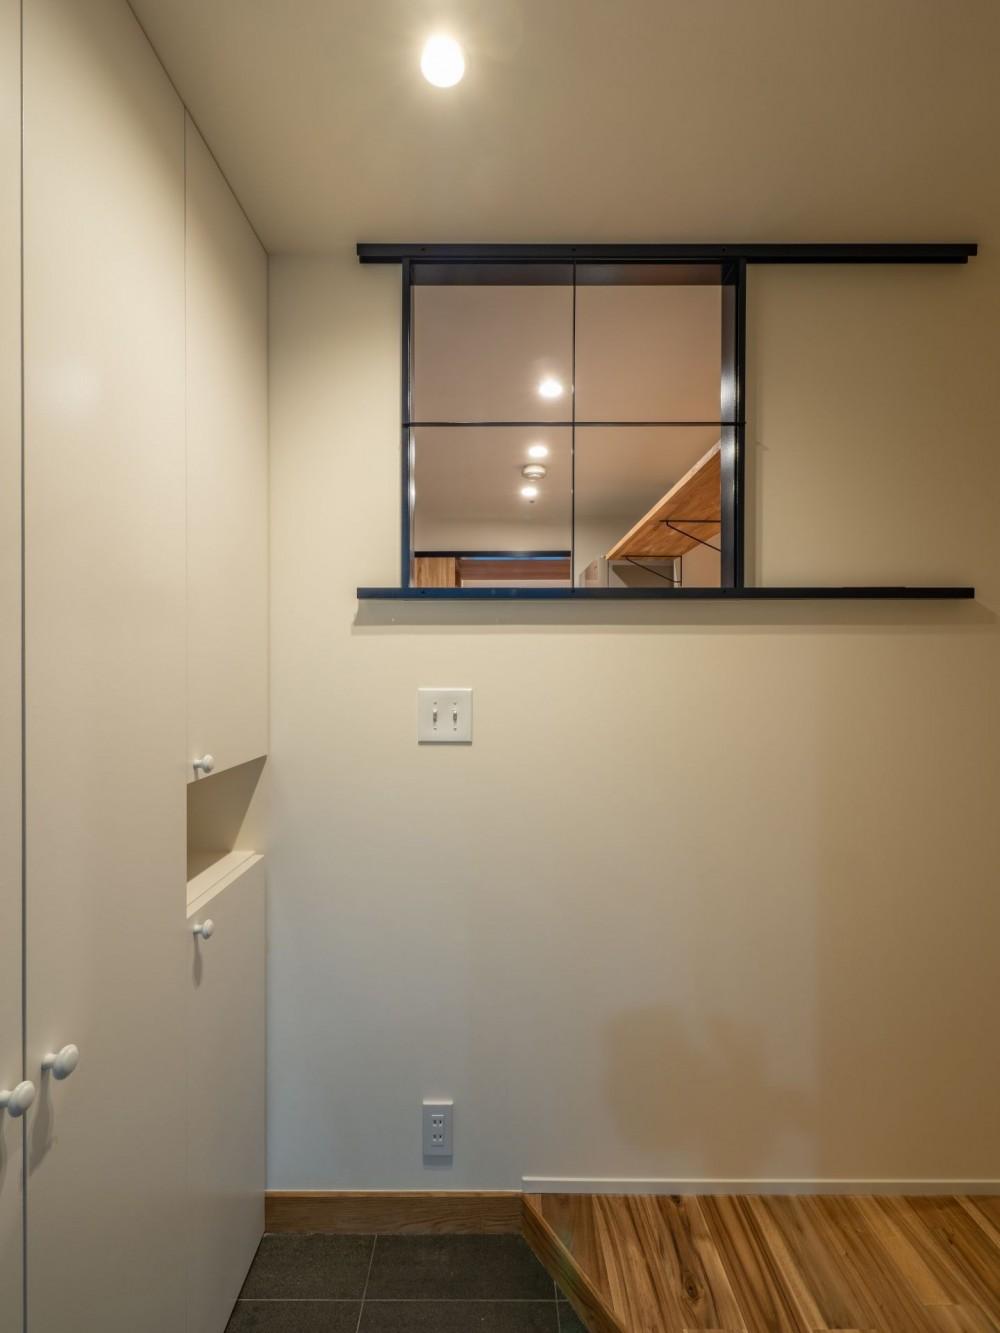 風窓の家 (玄関から見たスチール製の風窓)